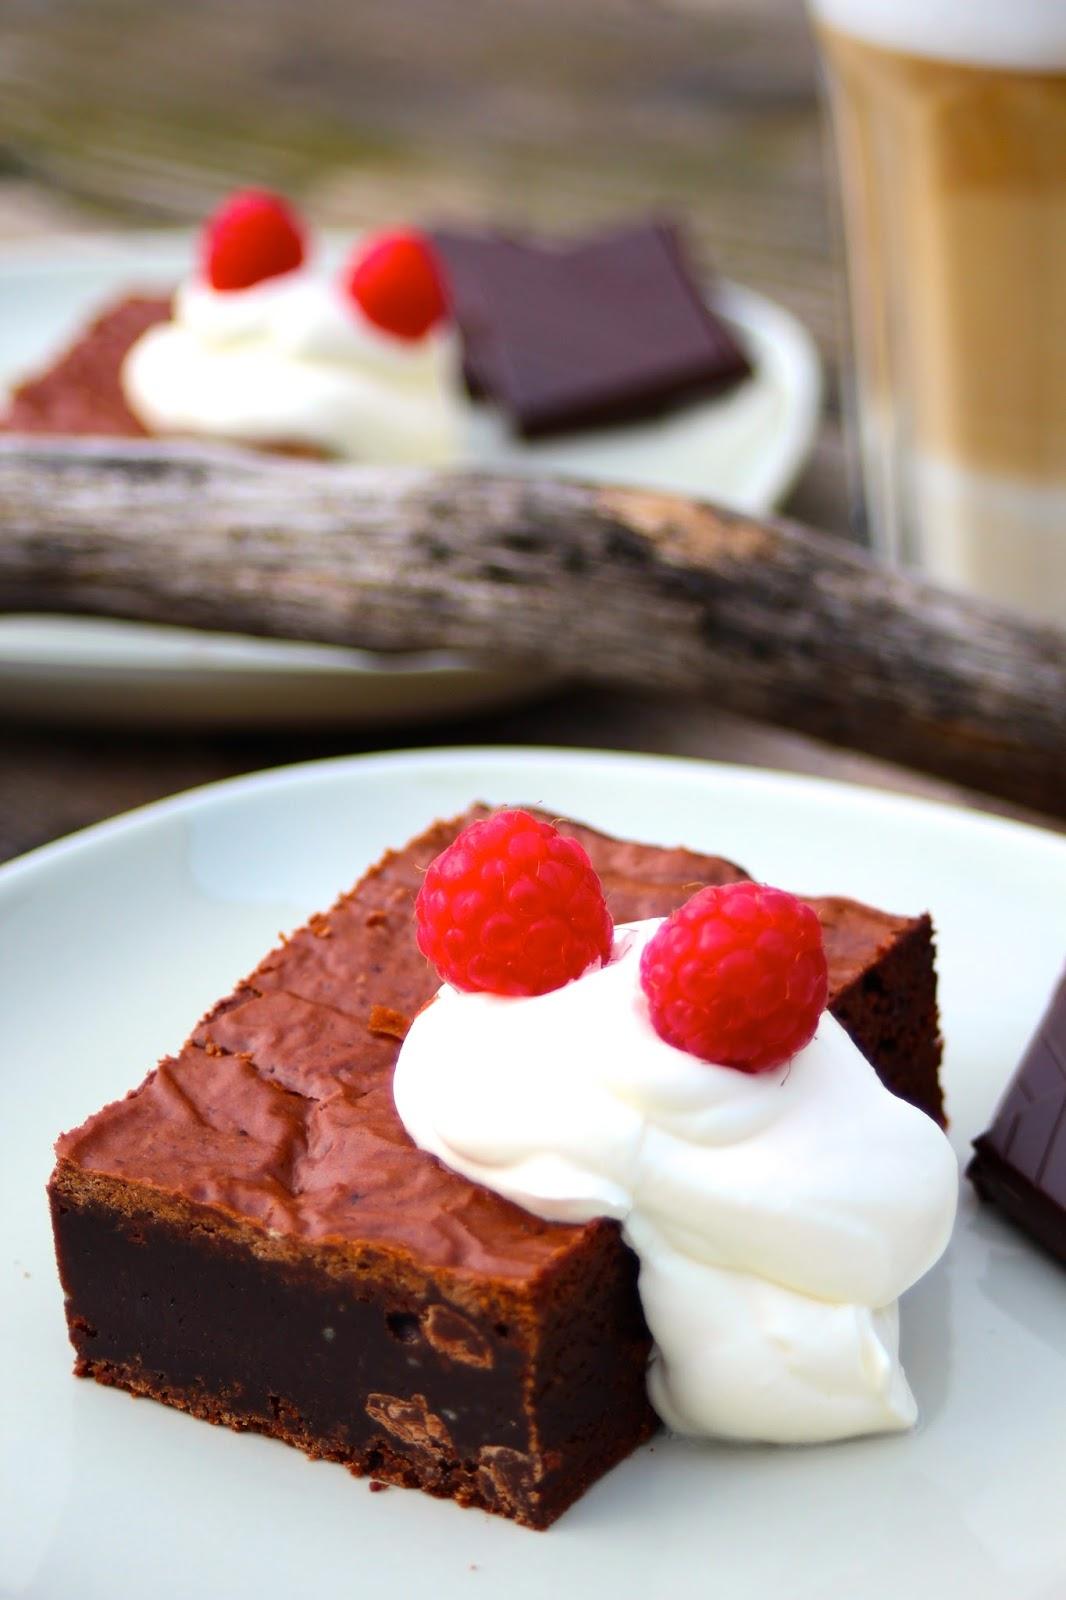 Brownies-ein Originalrezept aus New York!!! - und jede Menge Lindt-Schokolade